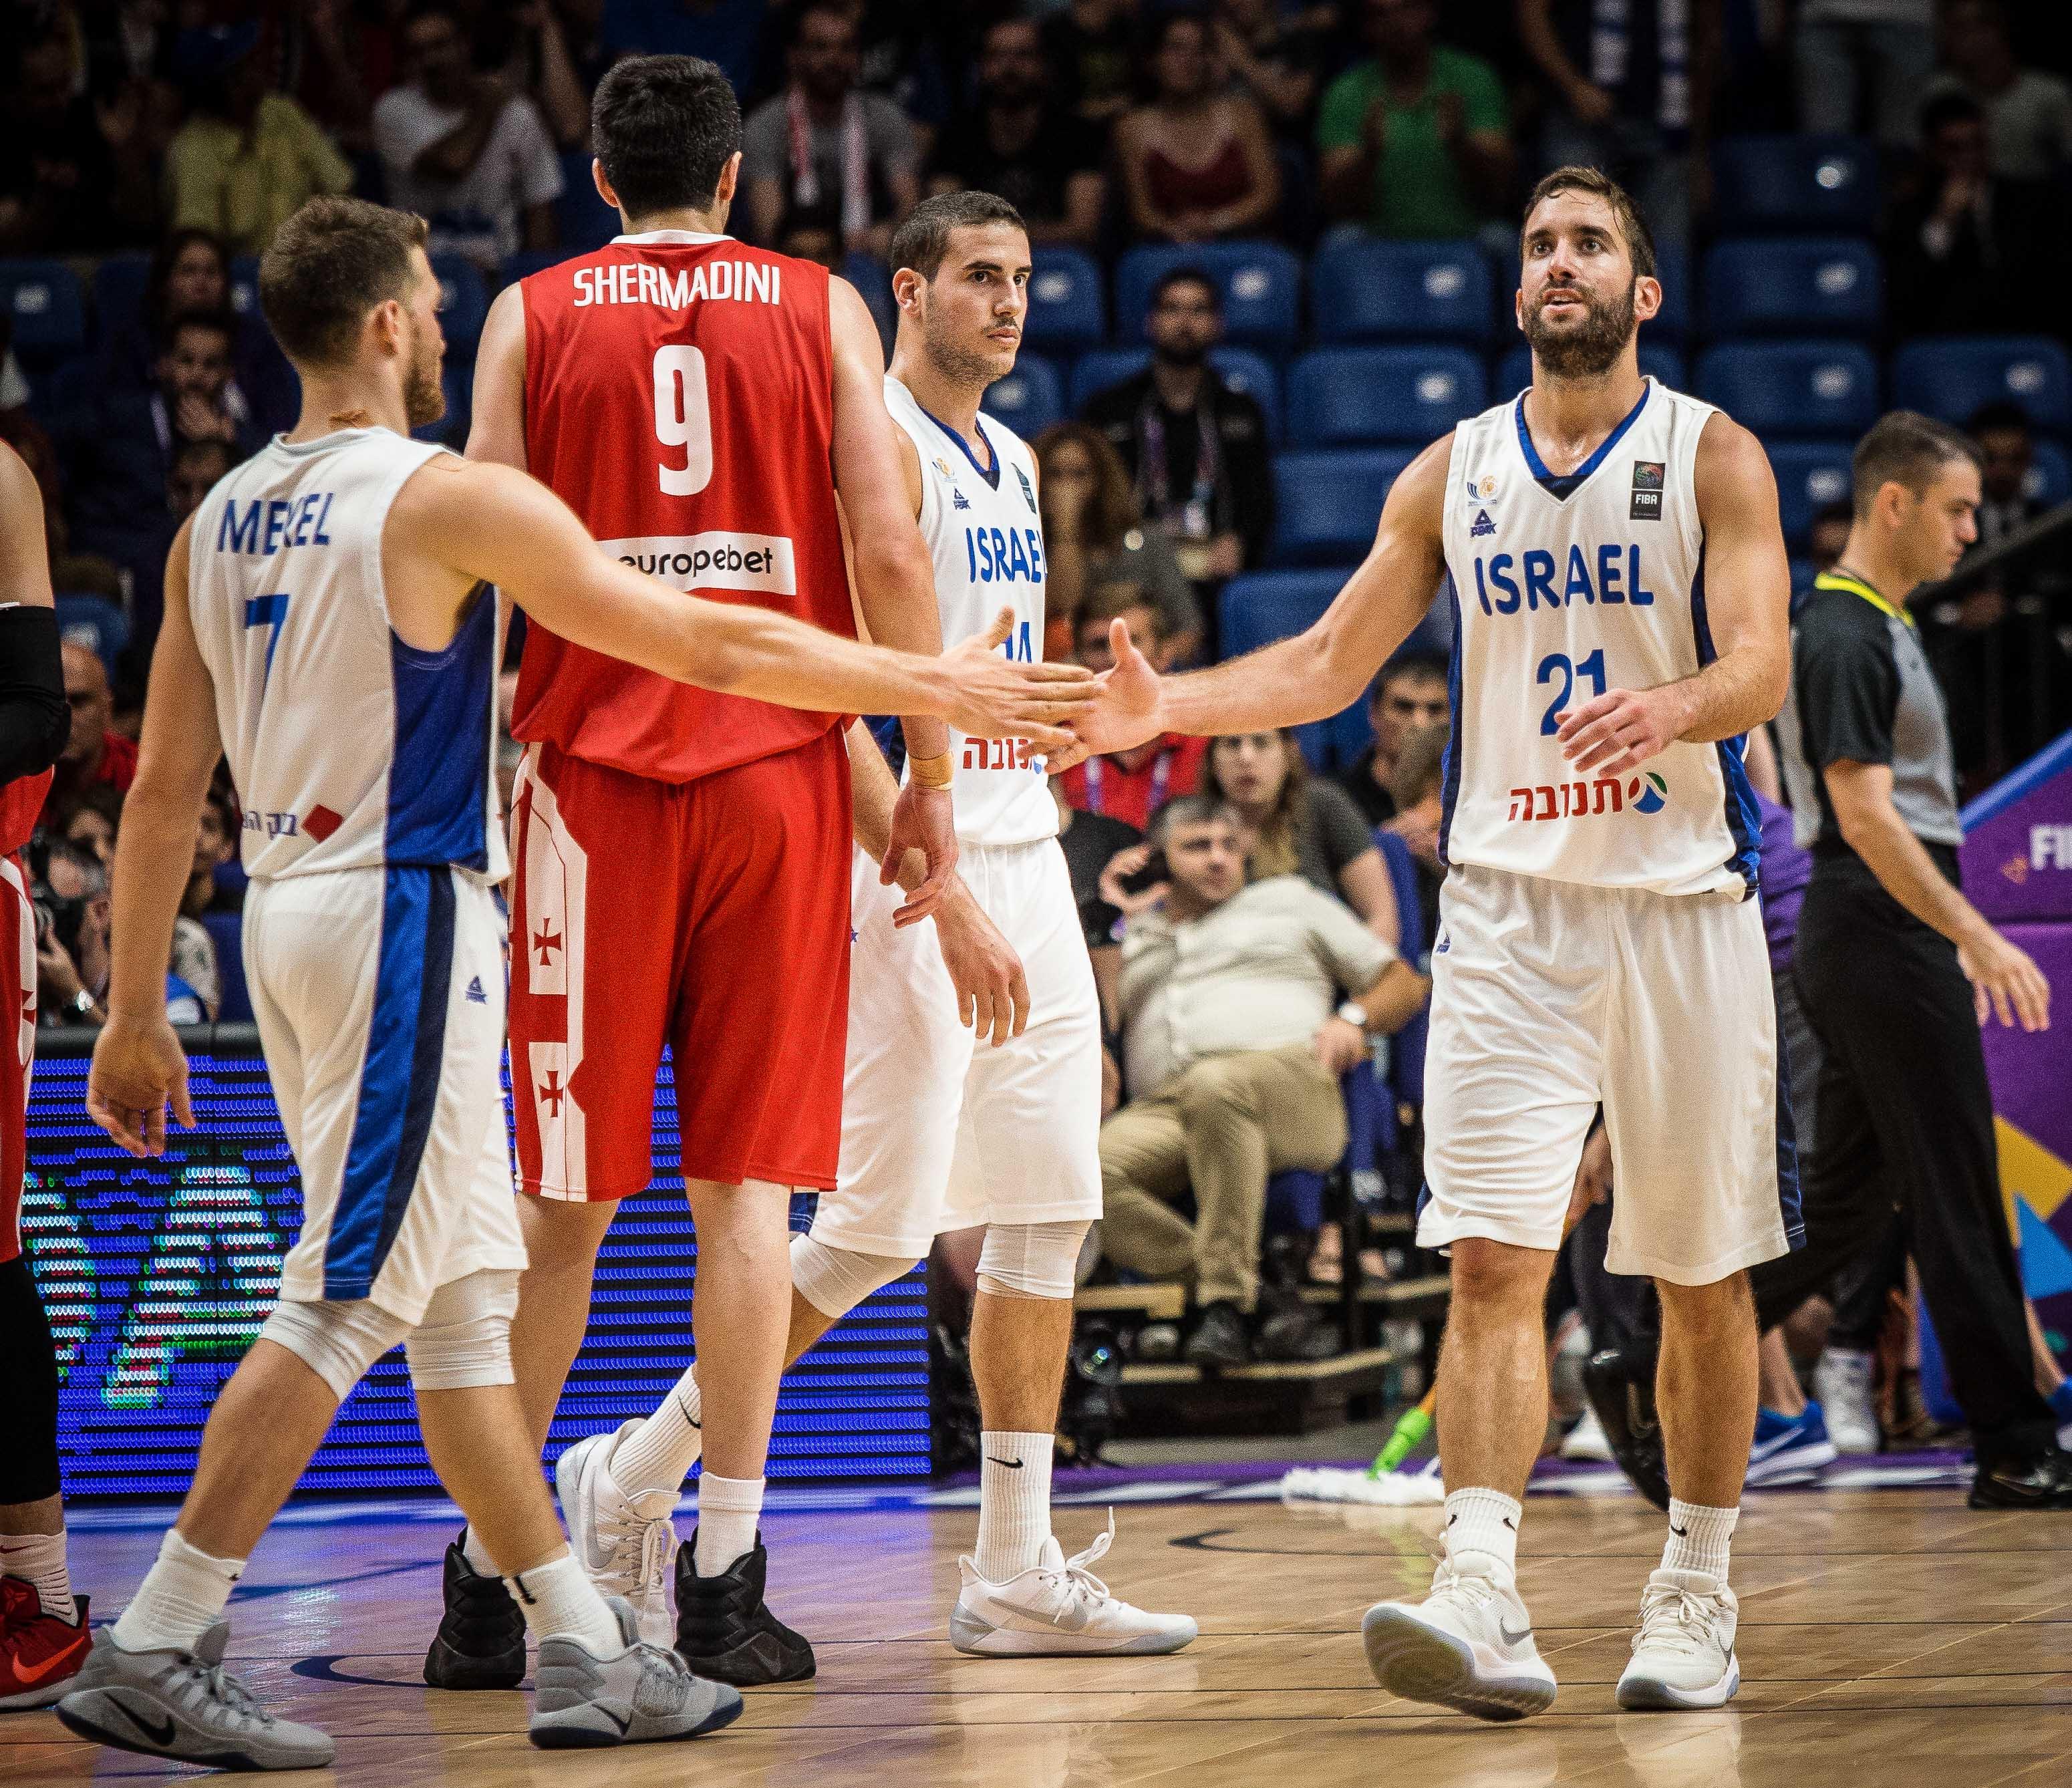 """ישראל לא עלתה לשמינית הגמר, אדלשטיין: """"אנחנו גאים"""""""